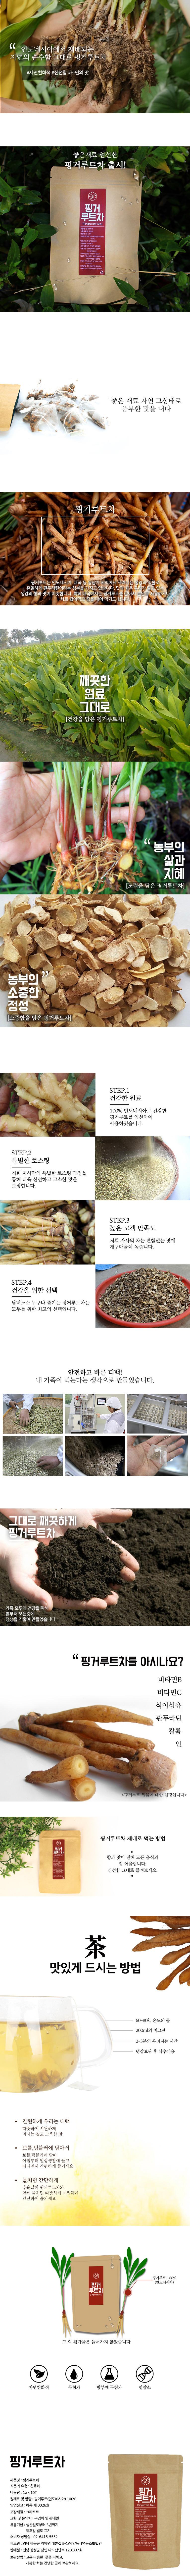 한유 핑거루트차 티백형 - 한국유기농, 2,900원, 차, 우롱차/전통차/한방차